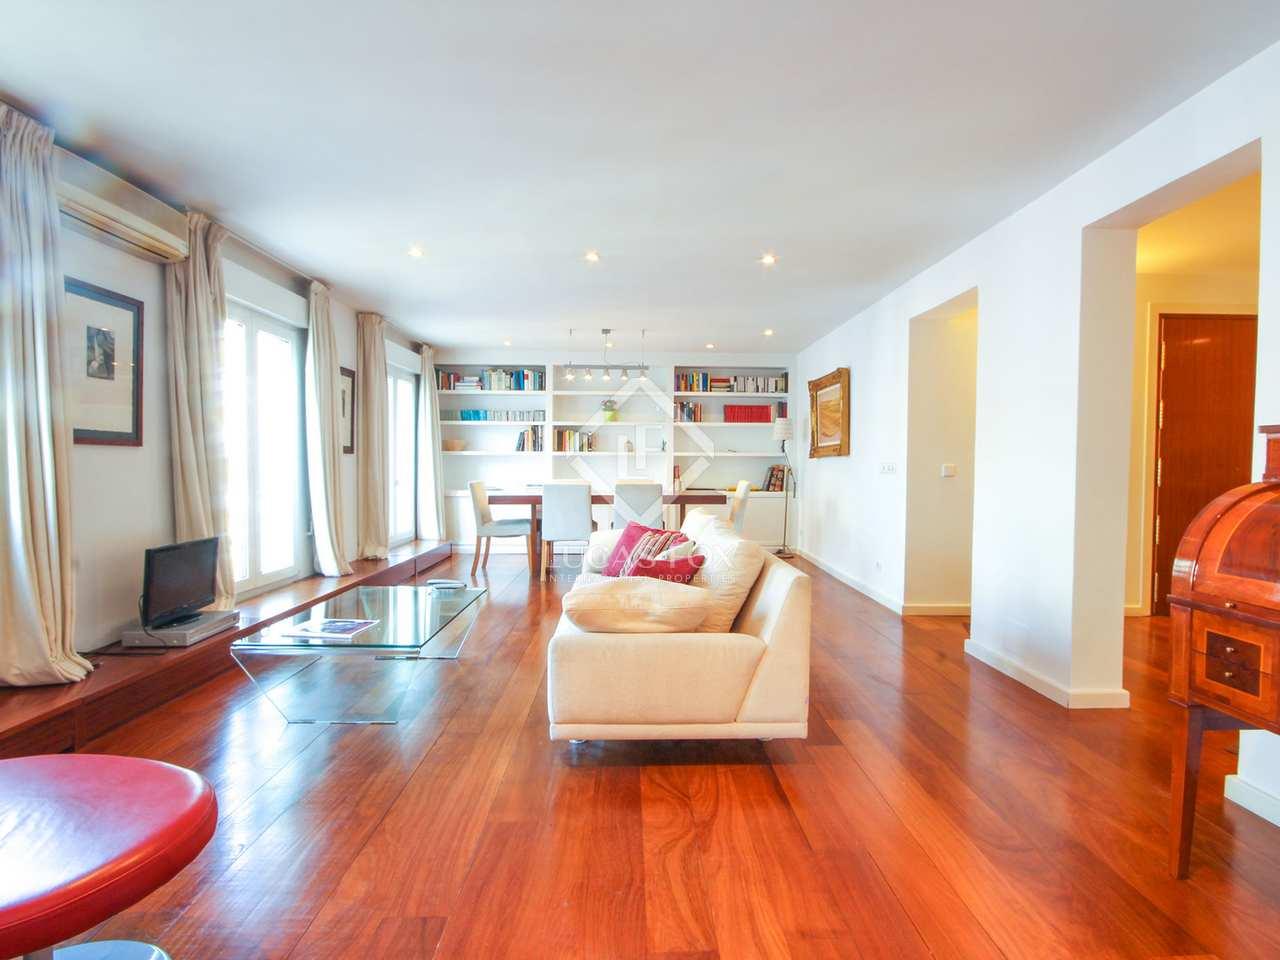 Piso de 105 m en alquiler en goya madrid - Alquiler piso barrio salamanca ...